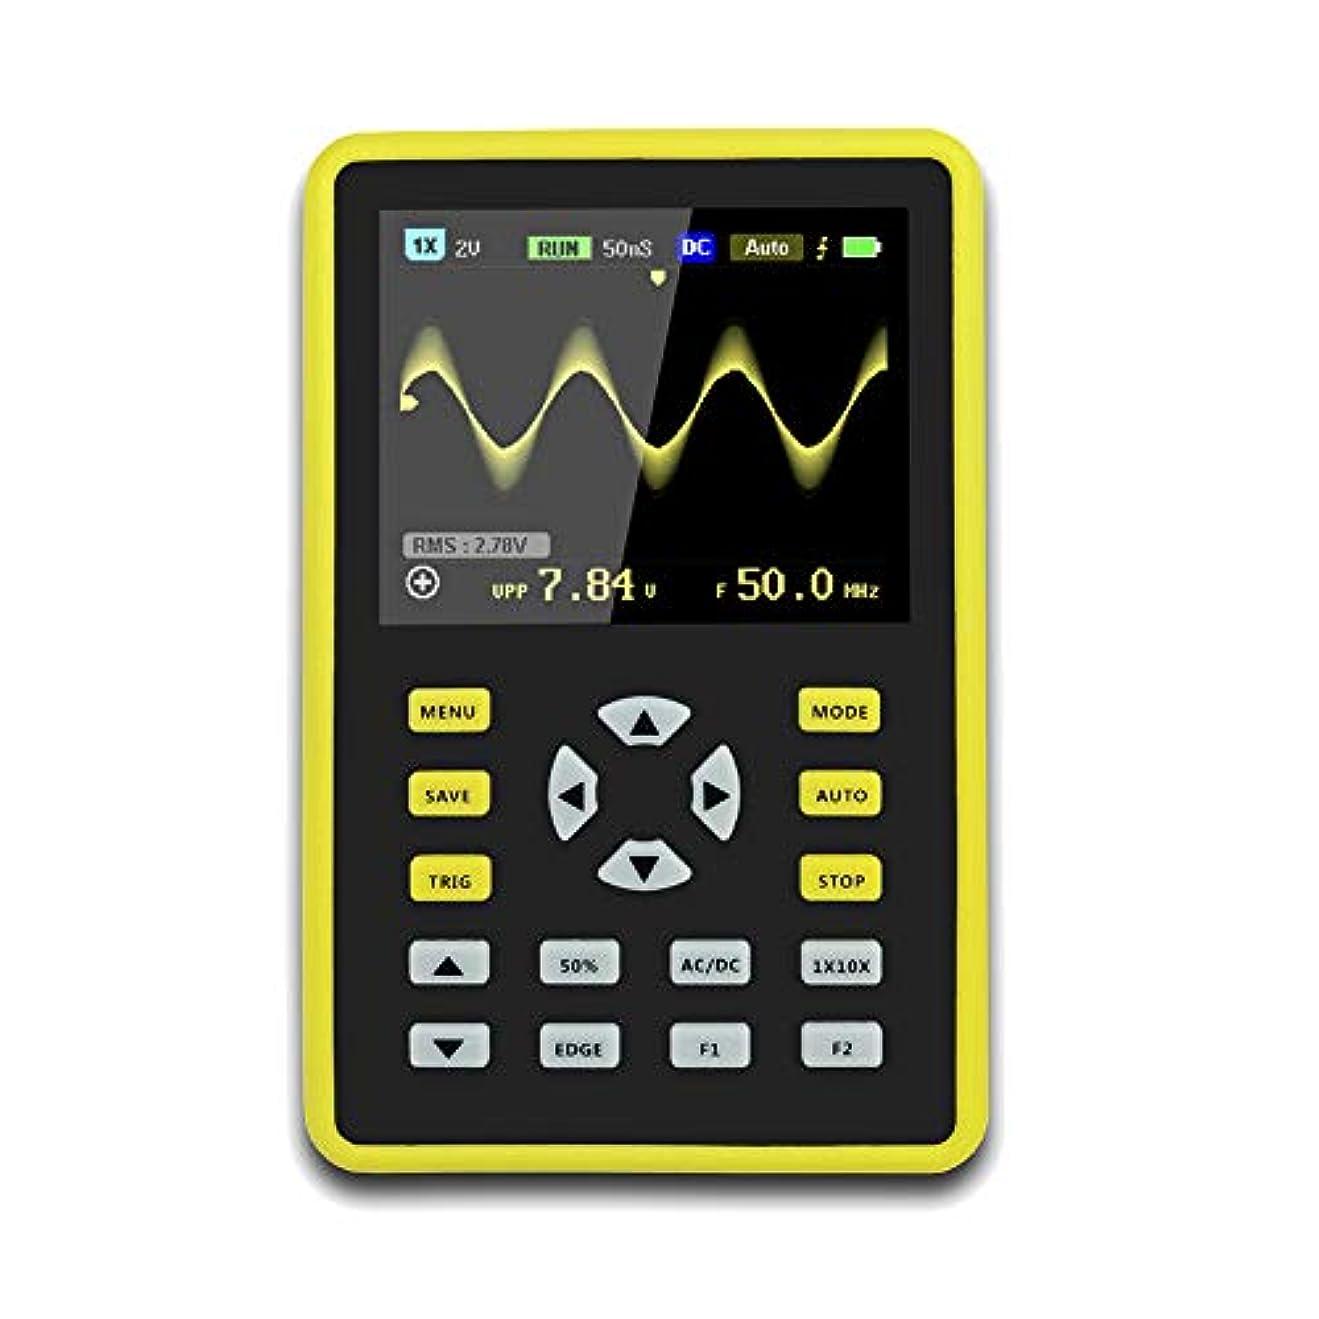 新しさ同一性遺伝的CoolTack  手持ち型デジタル小型オシロスコープ2.4インチ500 MS/s IPS LCD表示スクリーンの携帯用